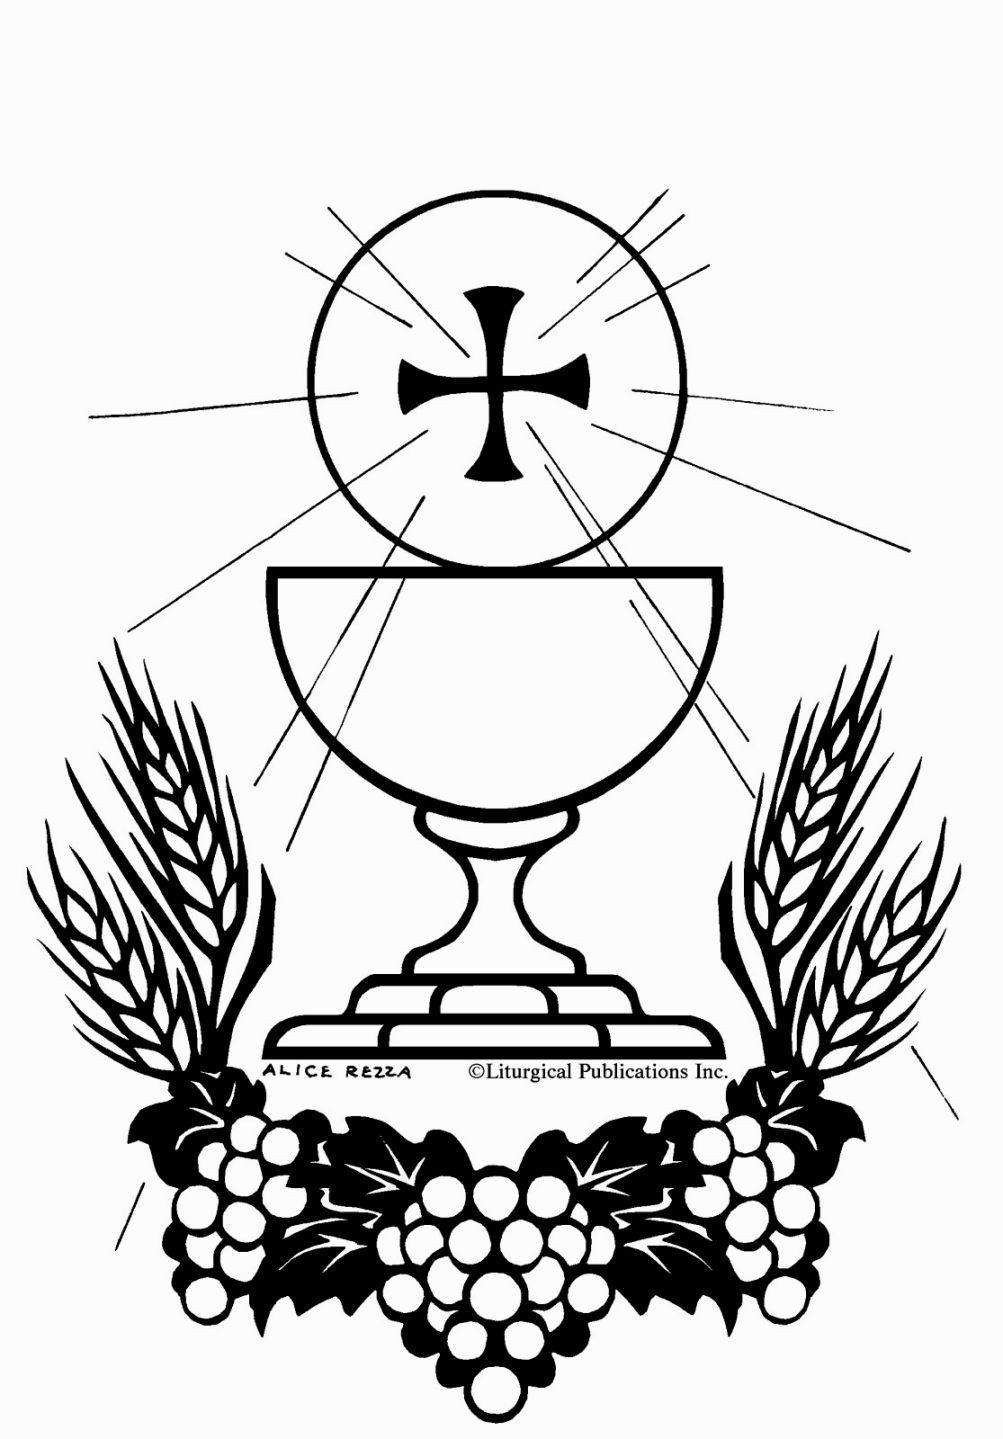 Eucharist Coloring Pages Paginas Para Colorir Simbolos Cristaos Anjo Para Colorir